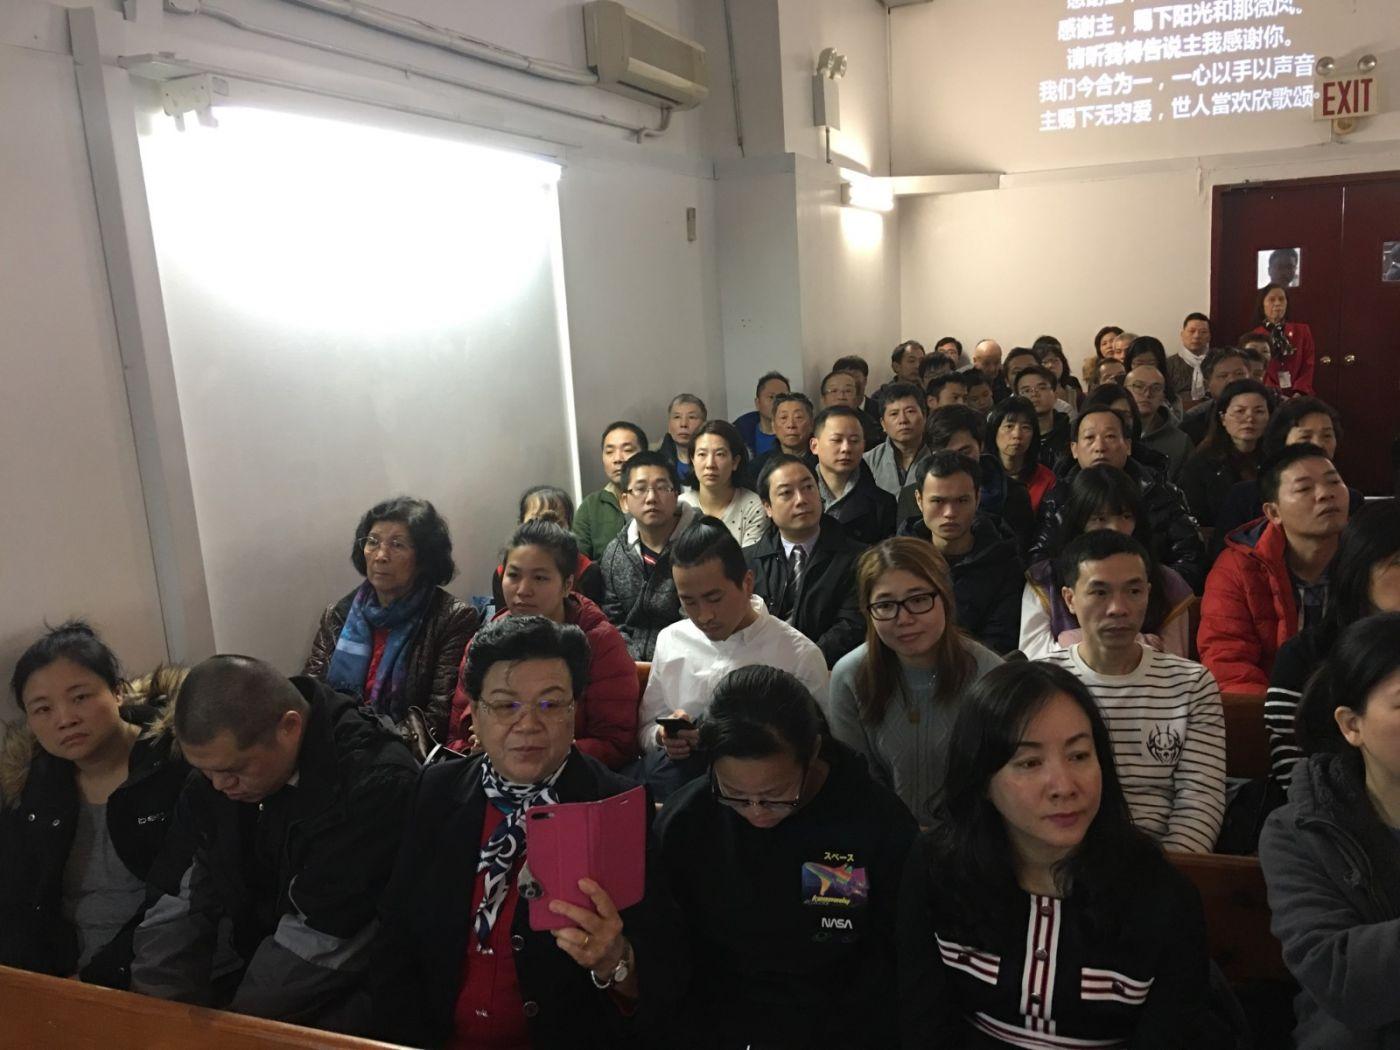 2019紐約基督閩恩教會舉辦感恩節崇拜_图1-9